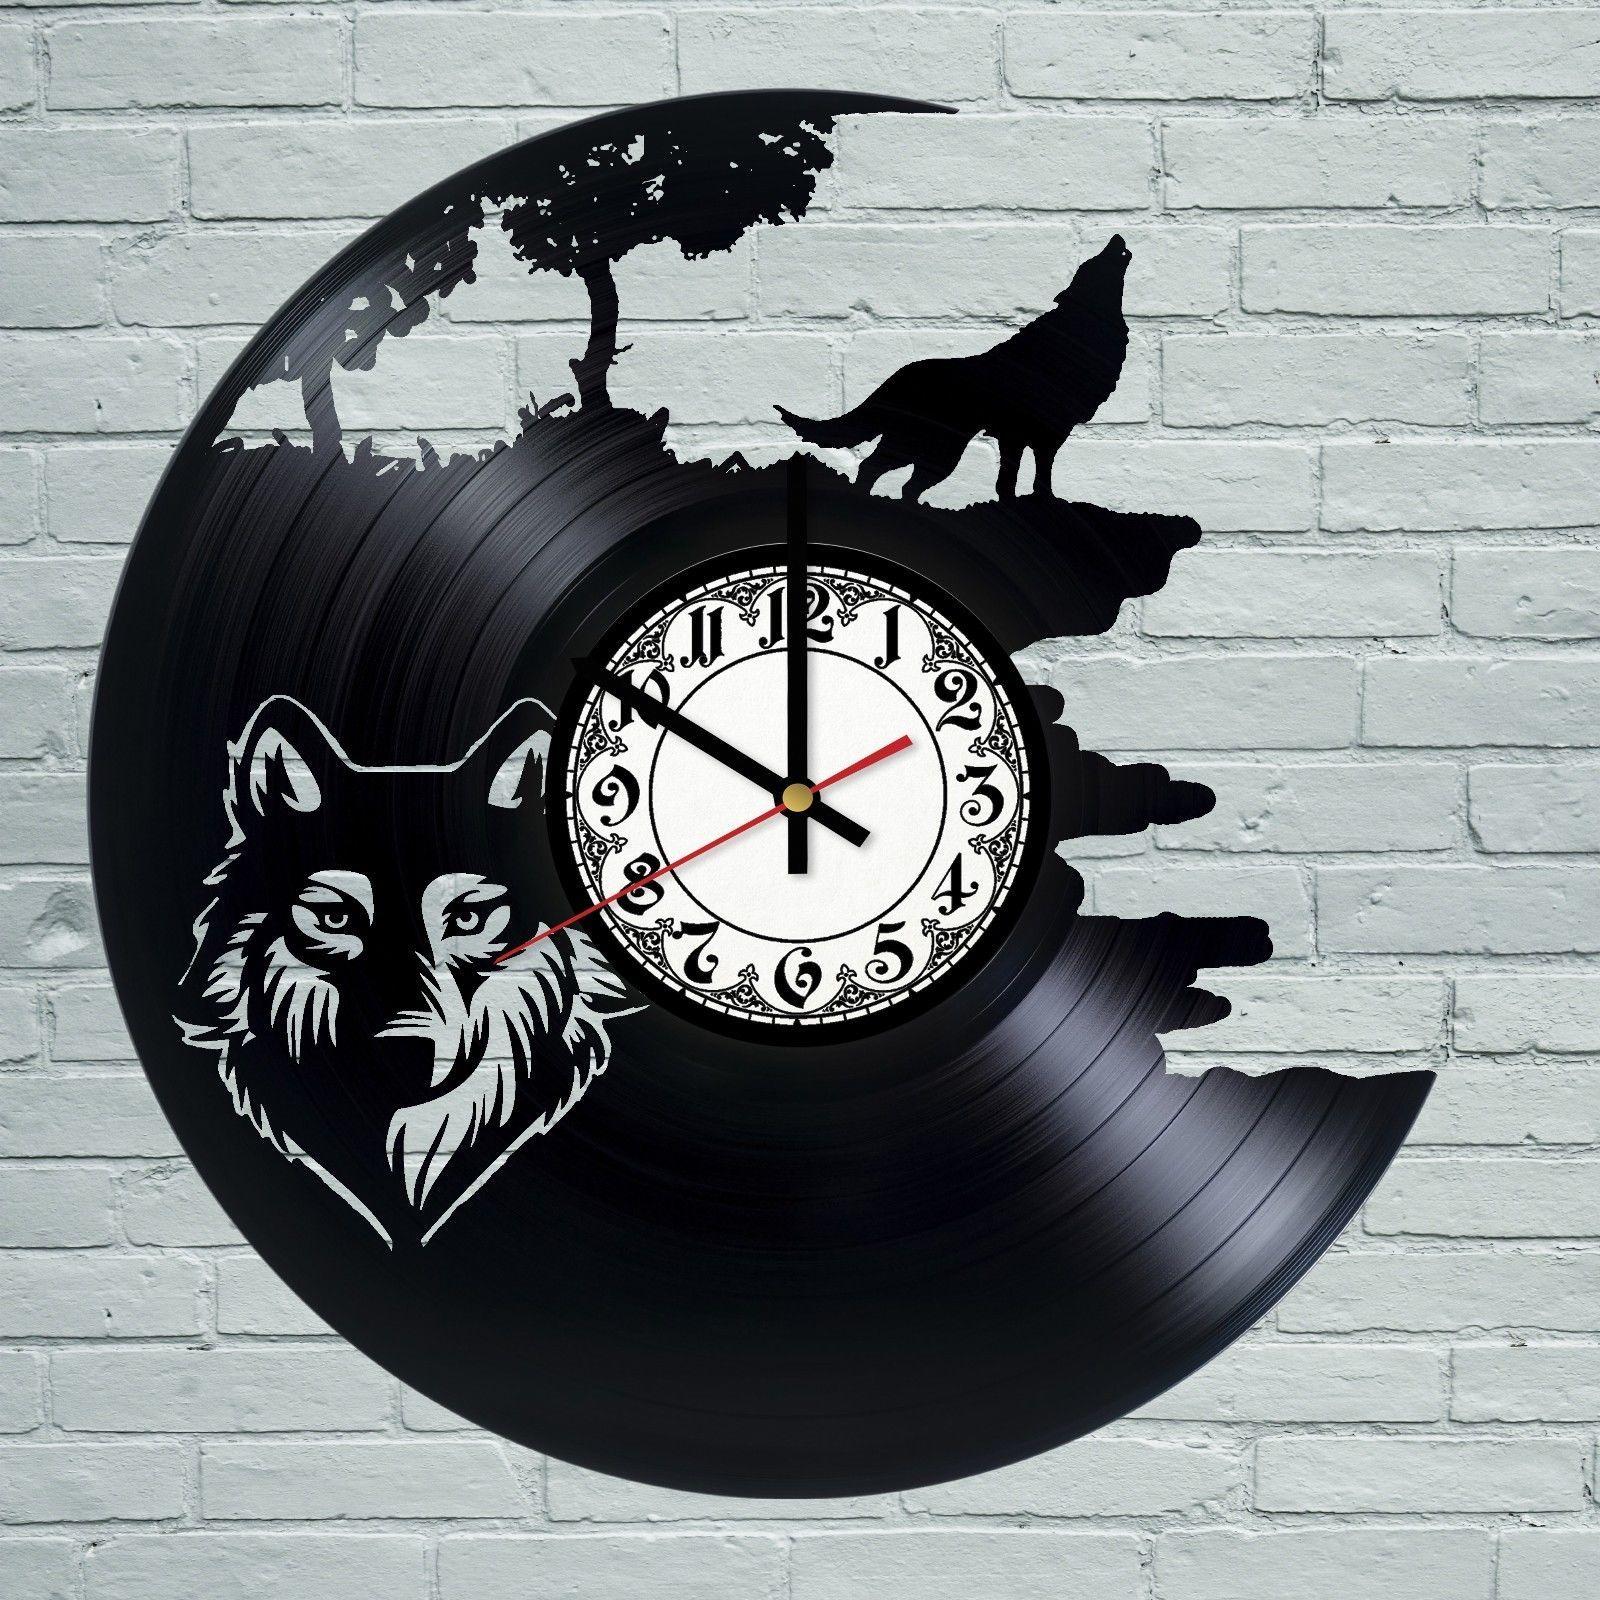 Wolf tiger animal vintage retro men black vinyl record wall clock wolf tiger animal vintage retro men black vinyl record wall clock art design amipublicfo Gallery